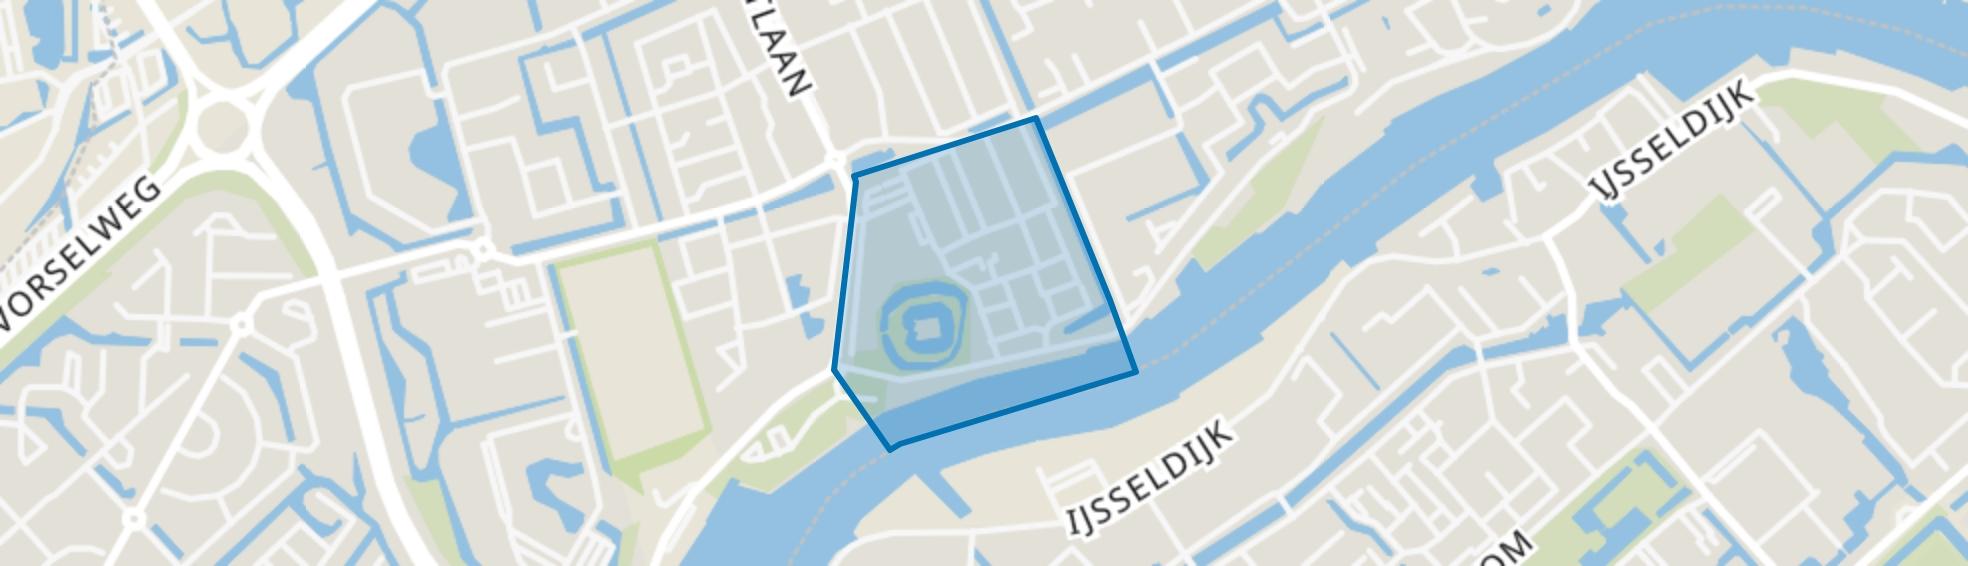 Oude Plaats, Capelle aan den IJssel map